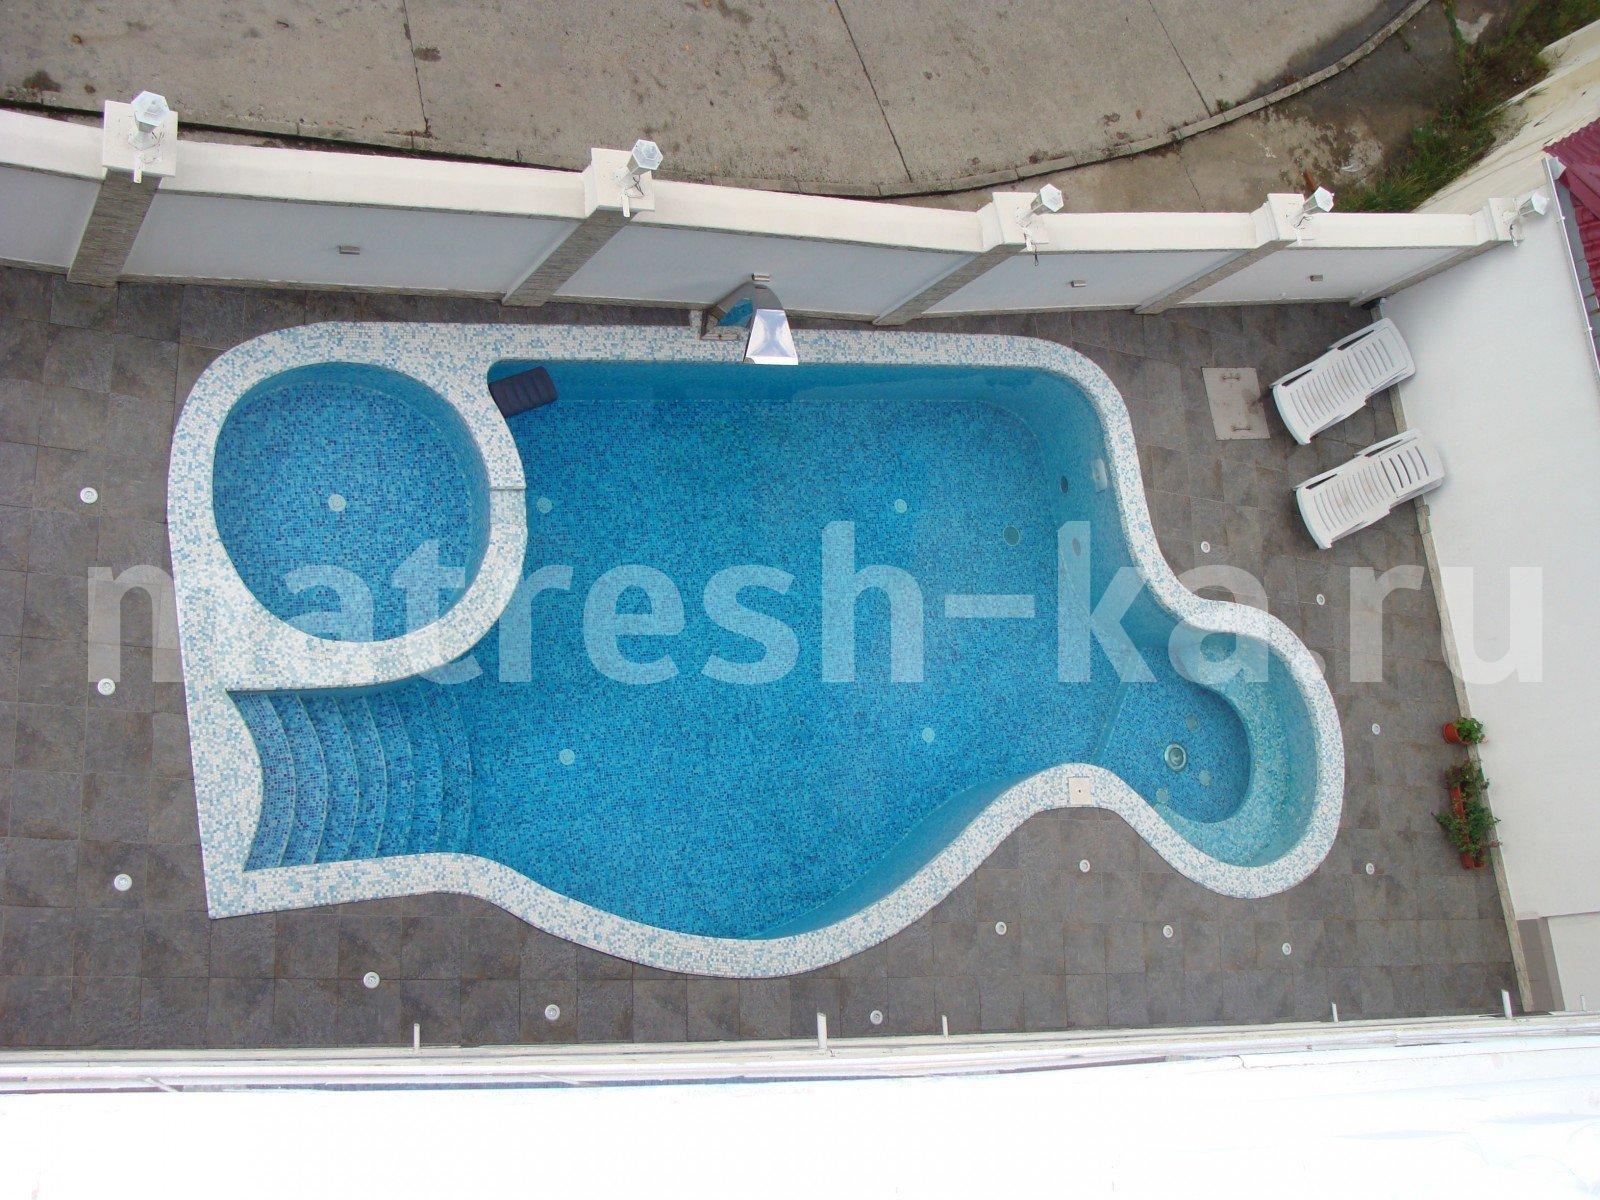 Радуга Престиж отель 3 Сочи отзывы фото и сравнение цен